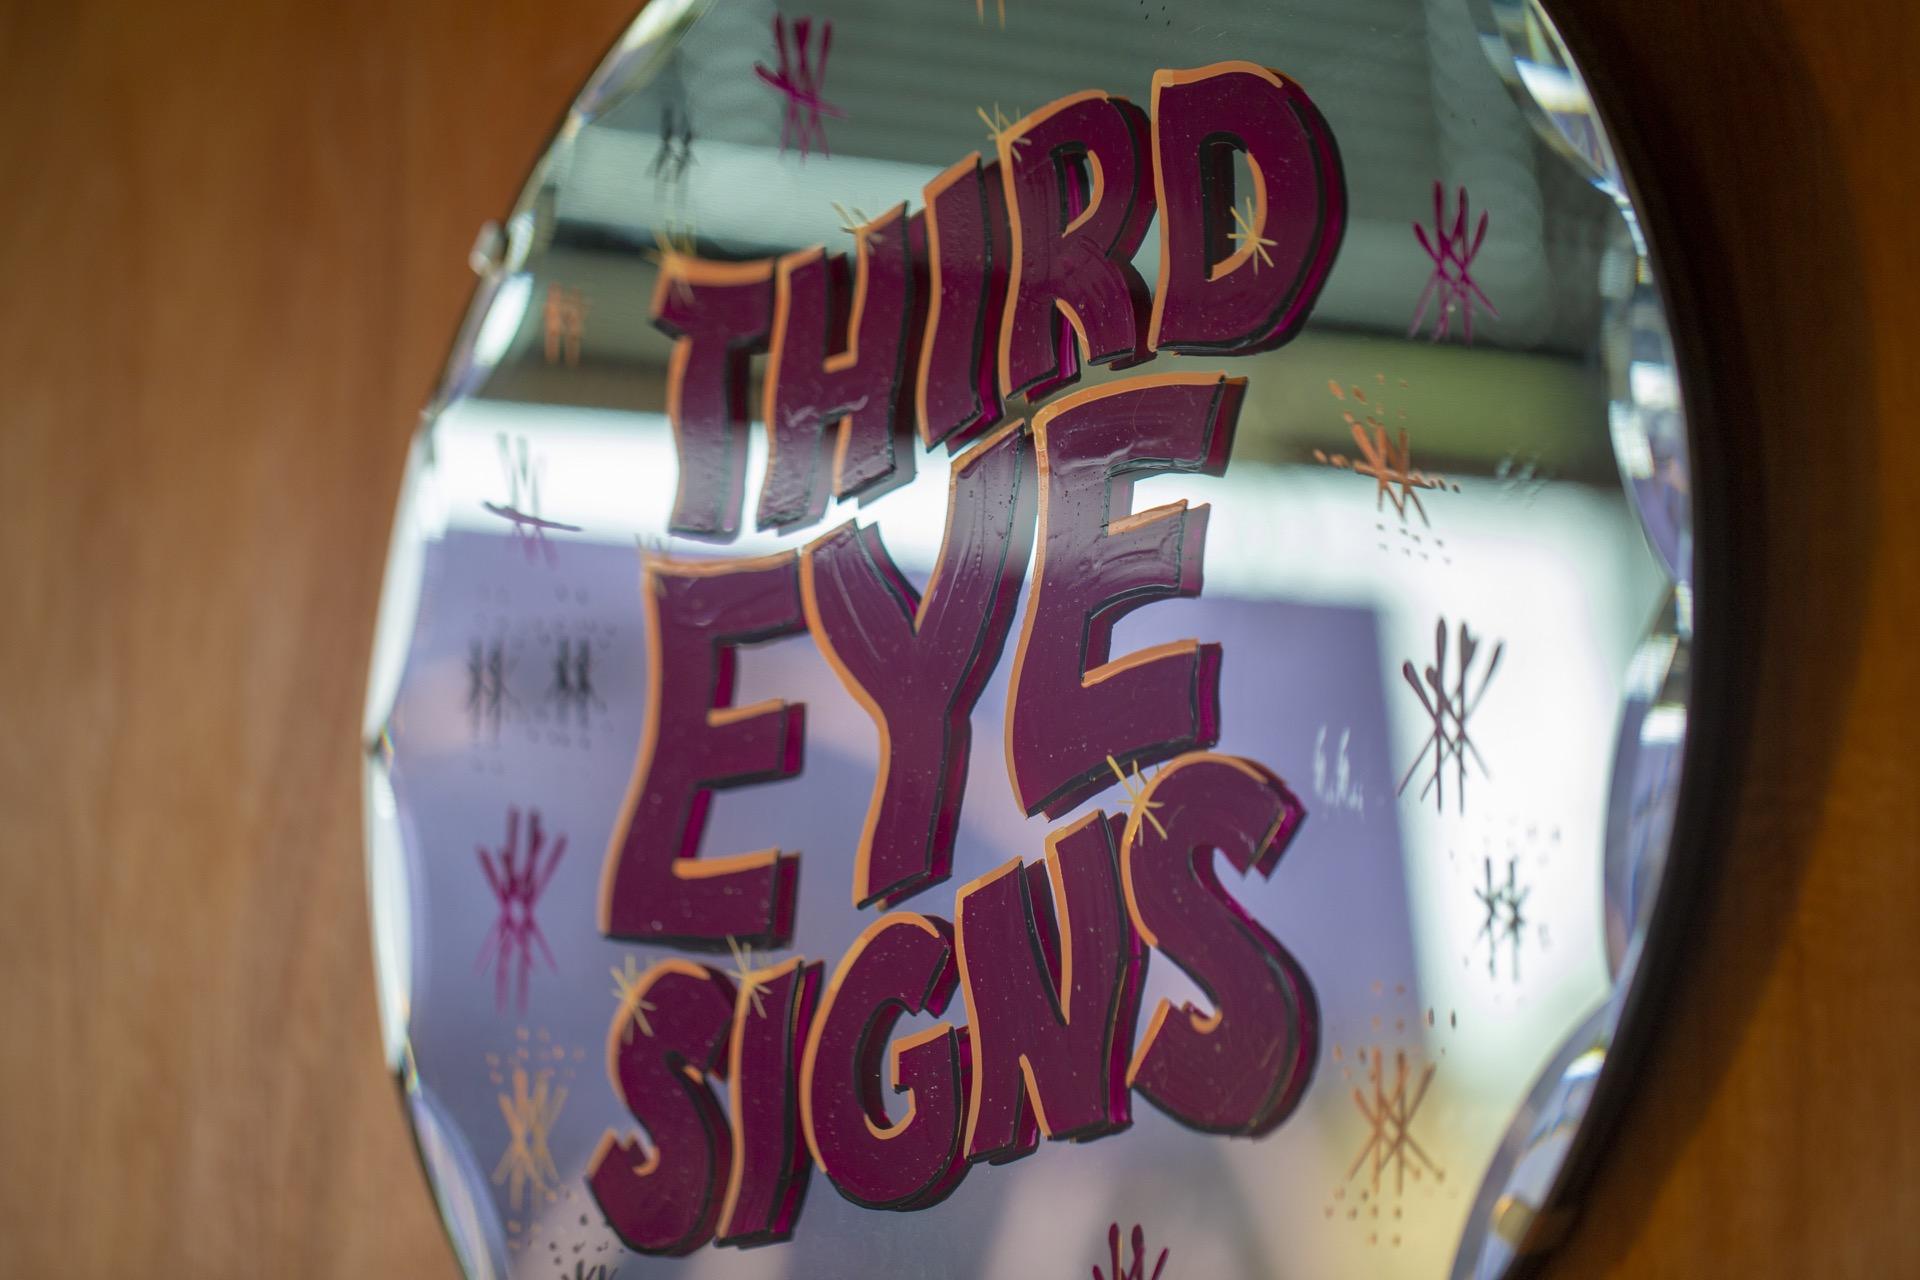 Third Eye Signs at 164